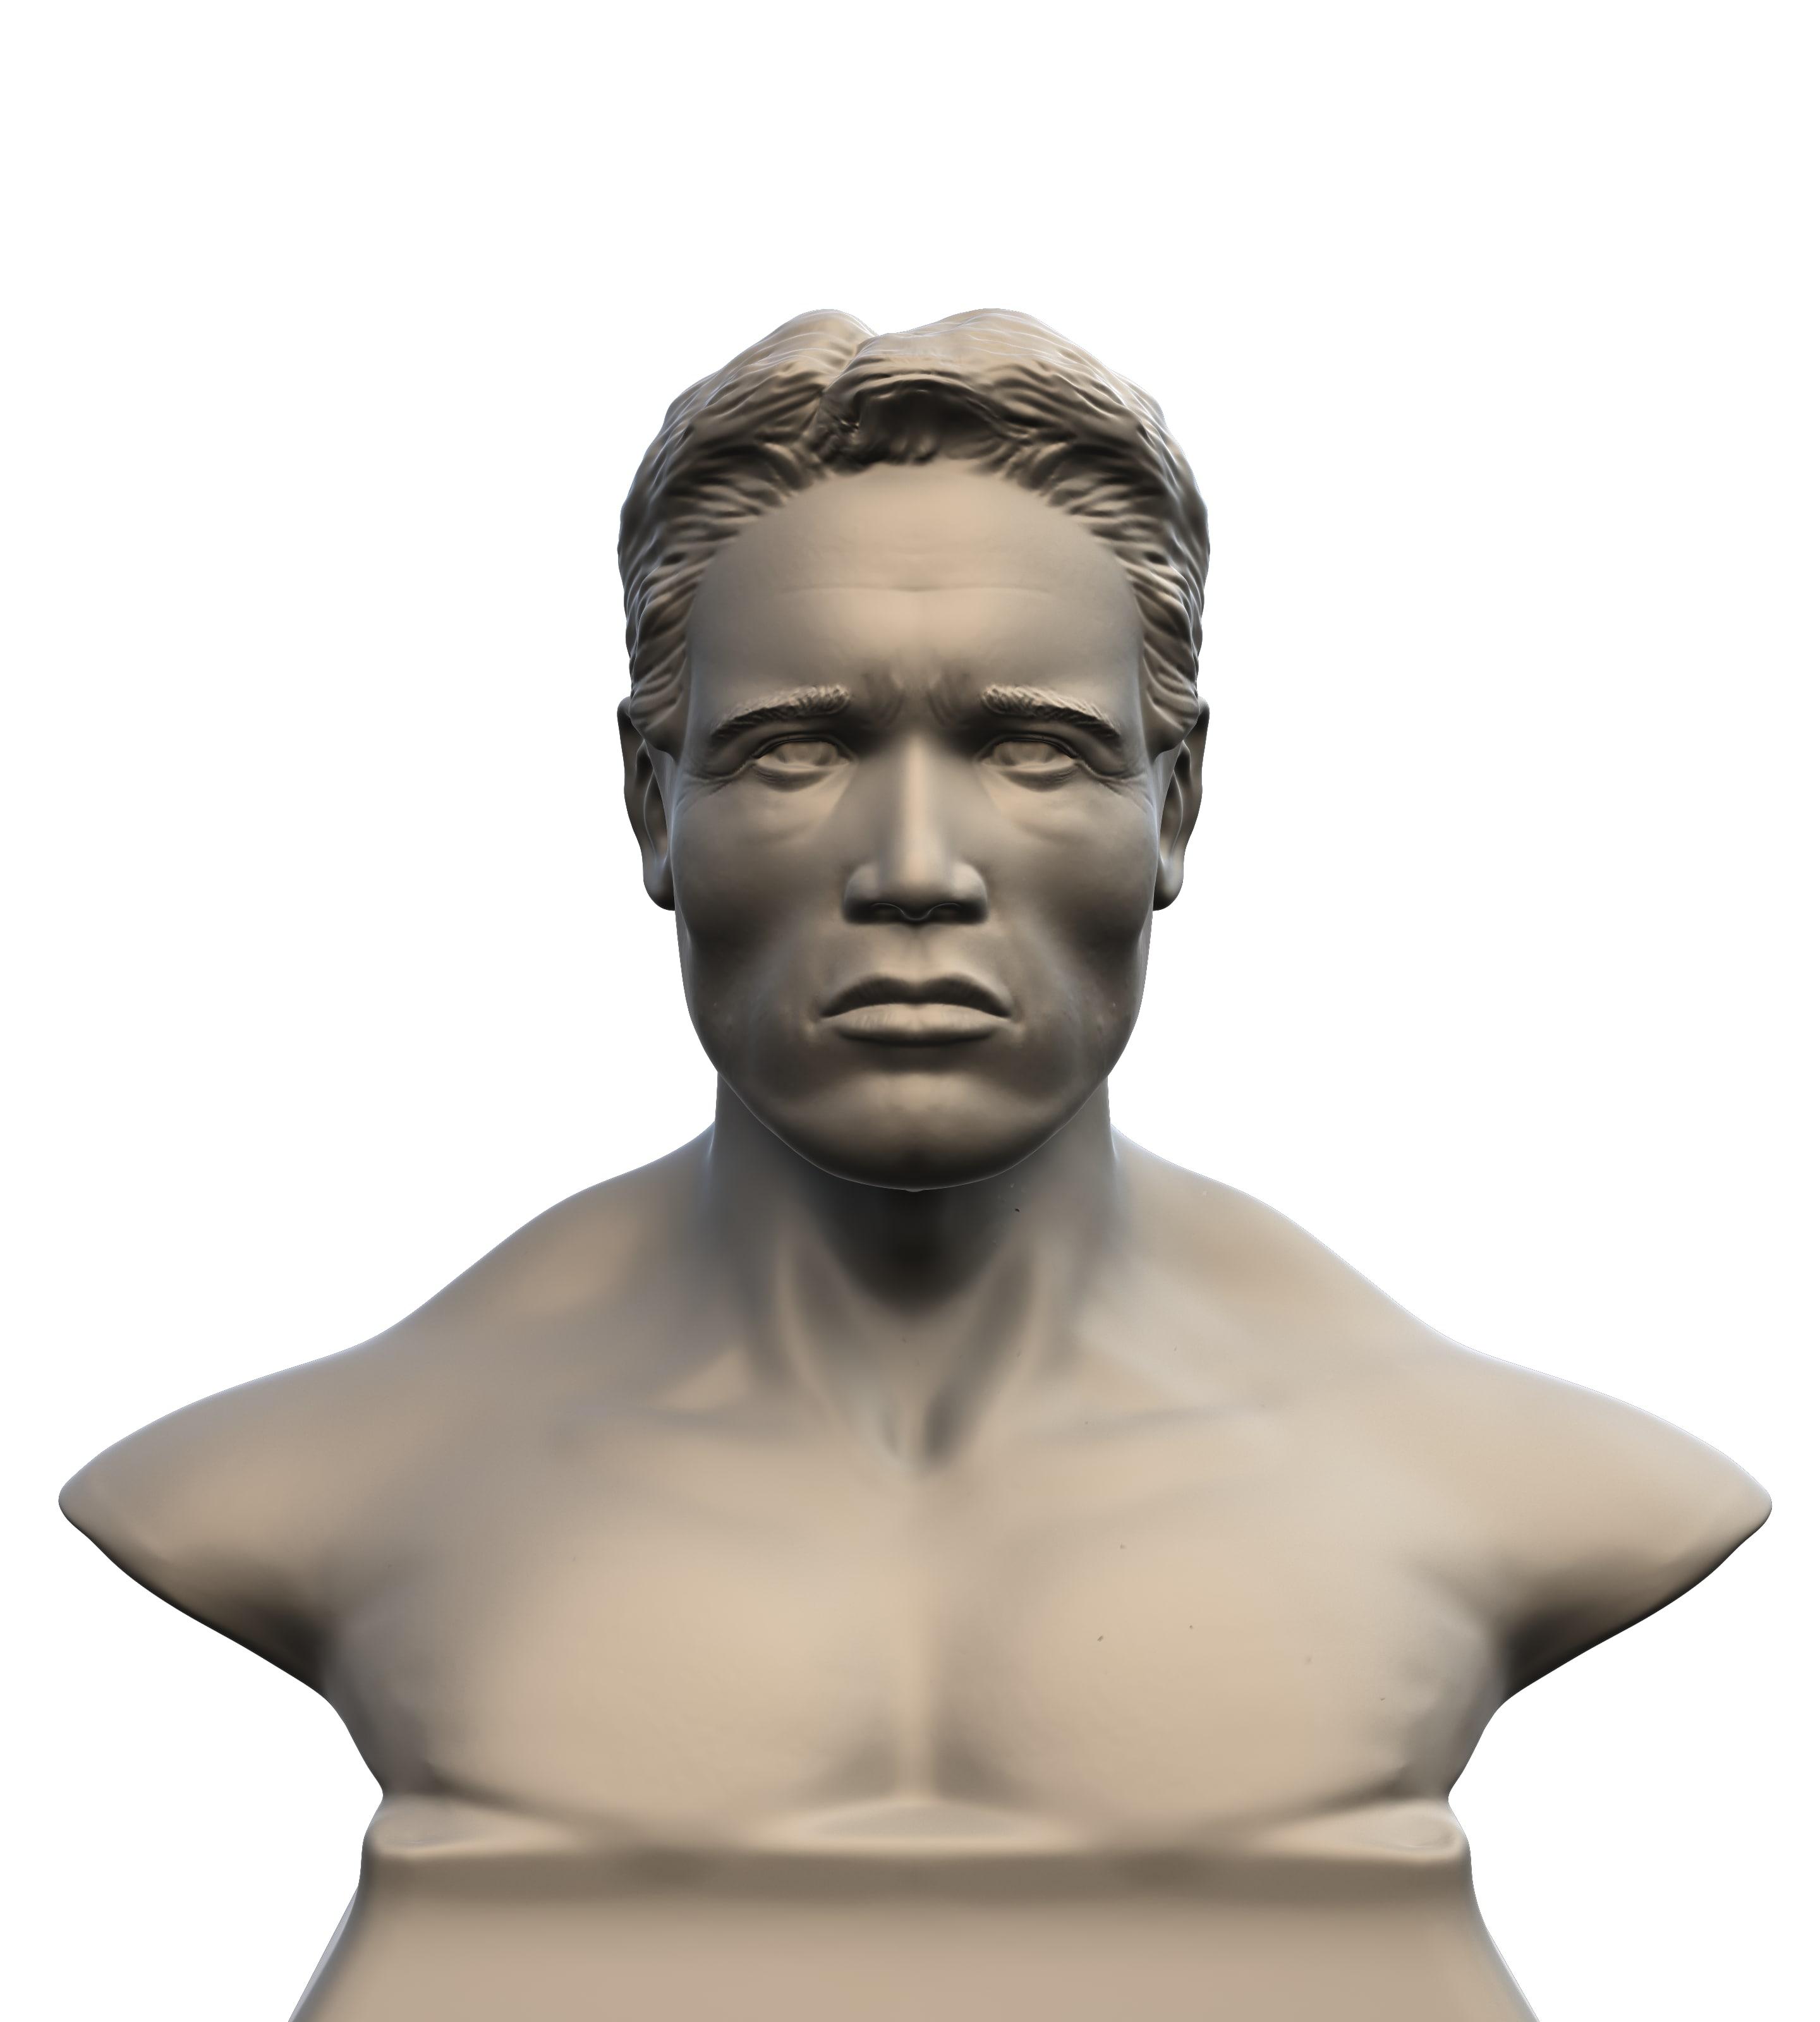 3D model arnold schwarzenegger 3dmodel printer